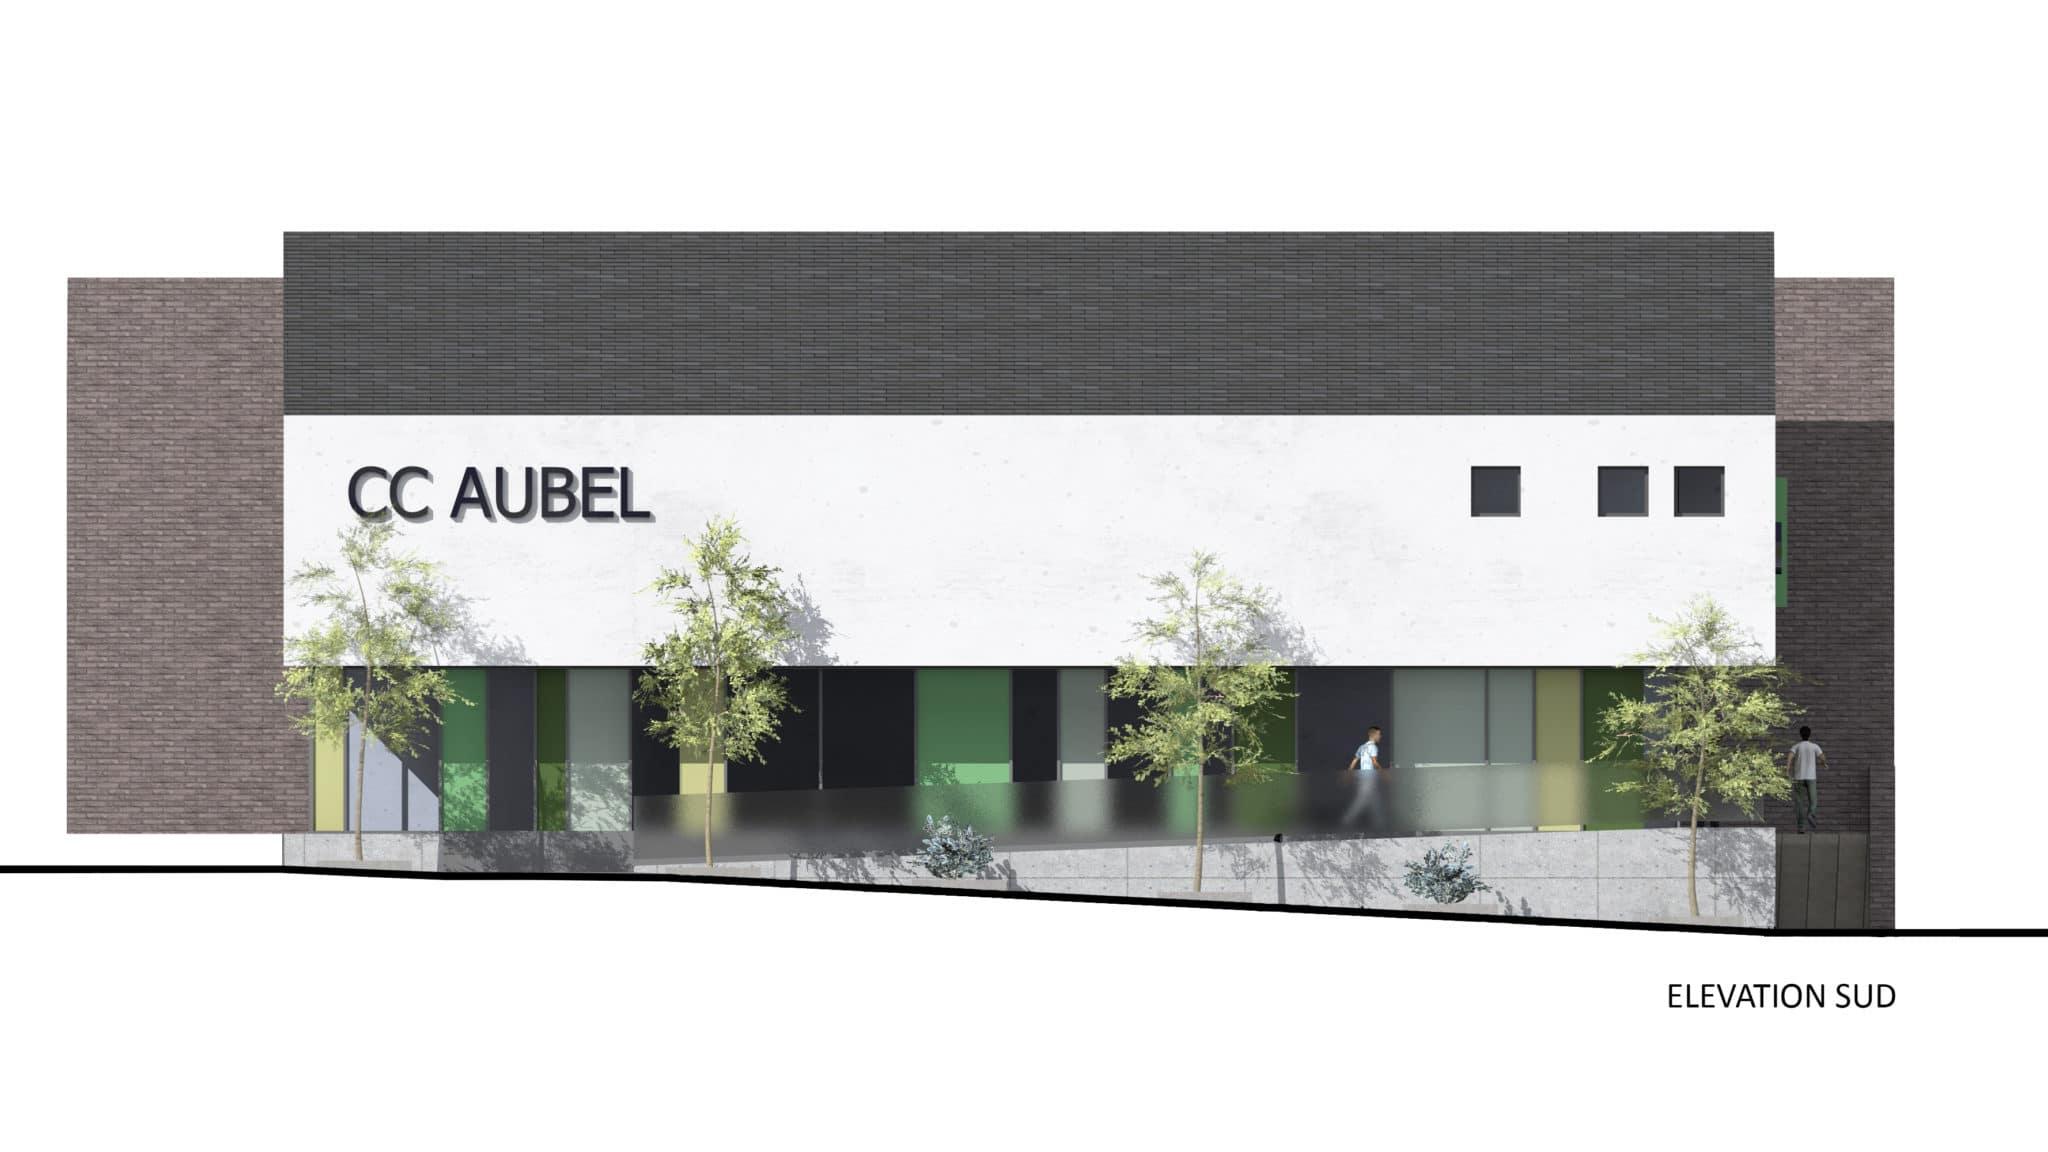 Aubel ELEVATION SUD